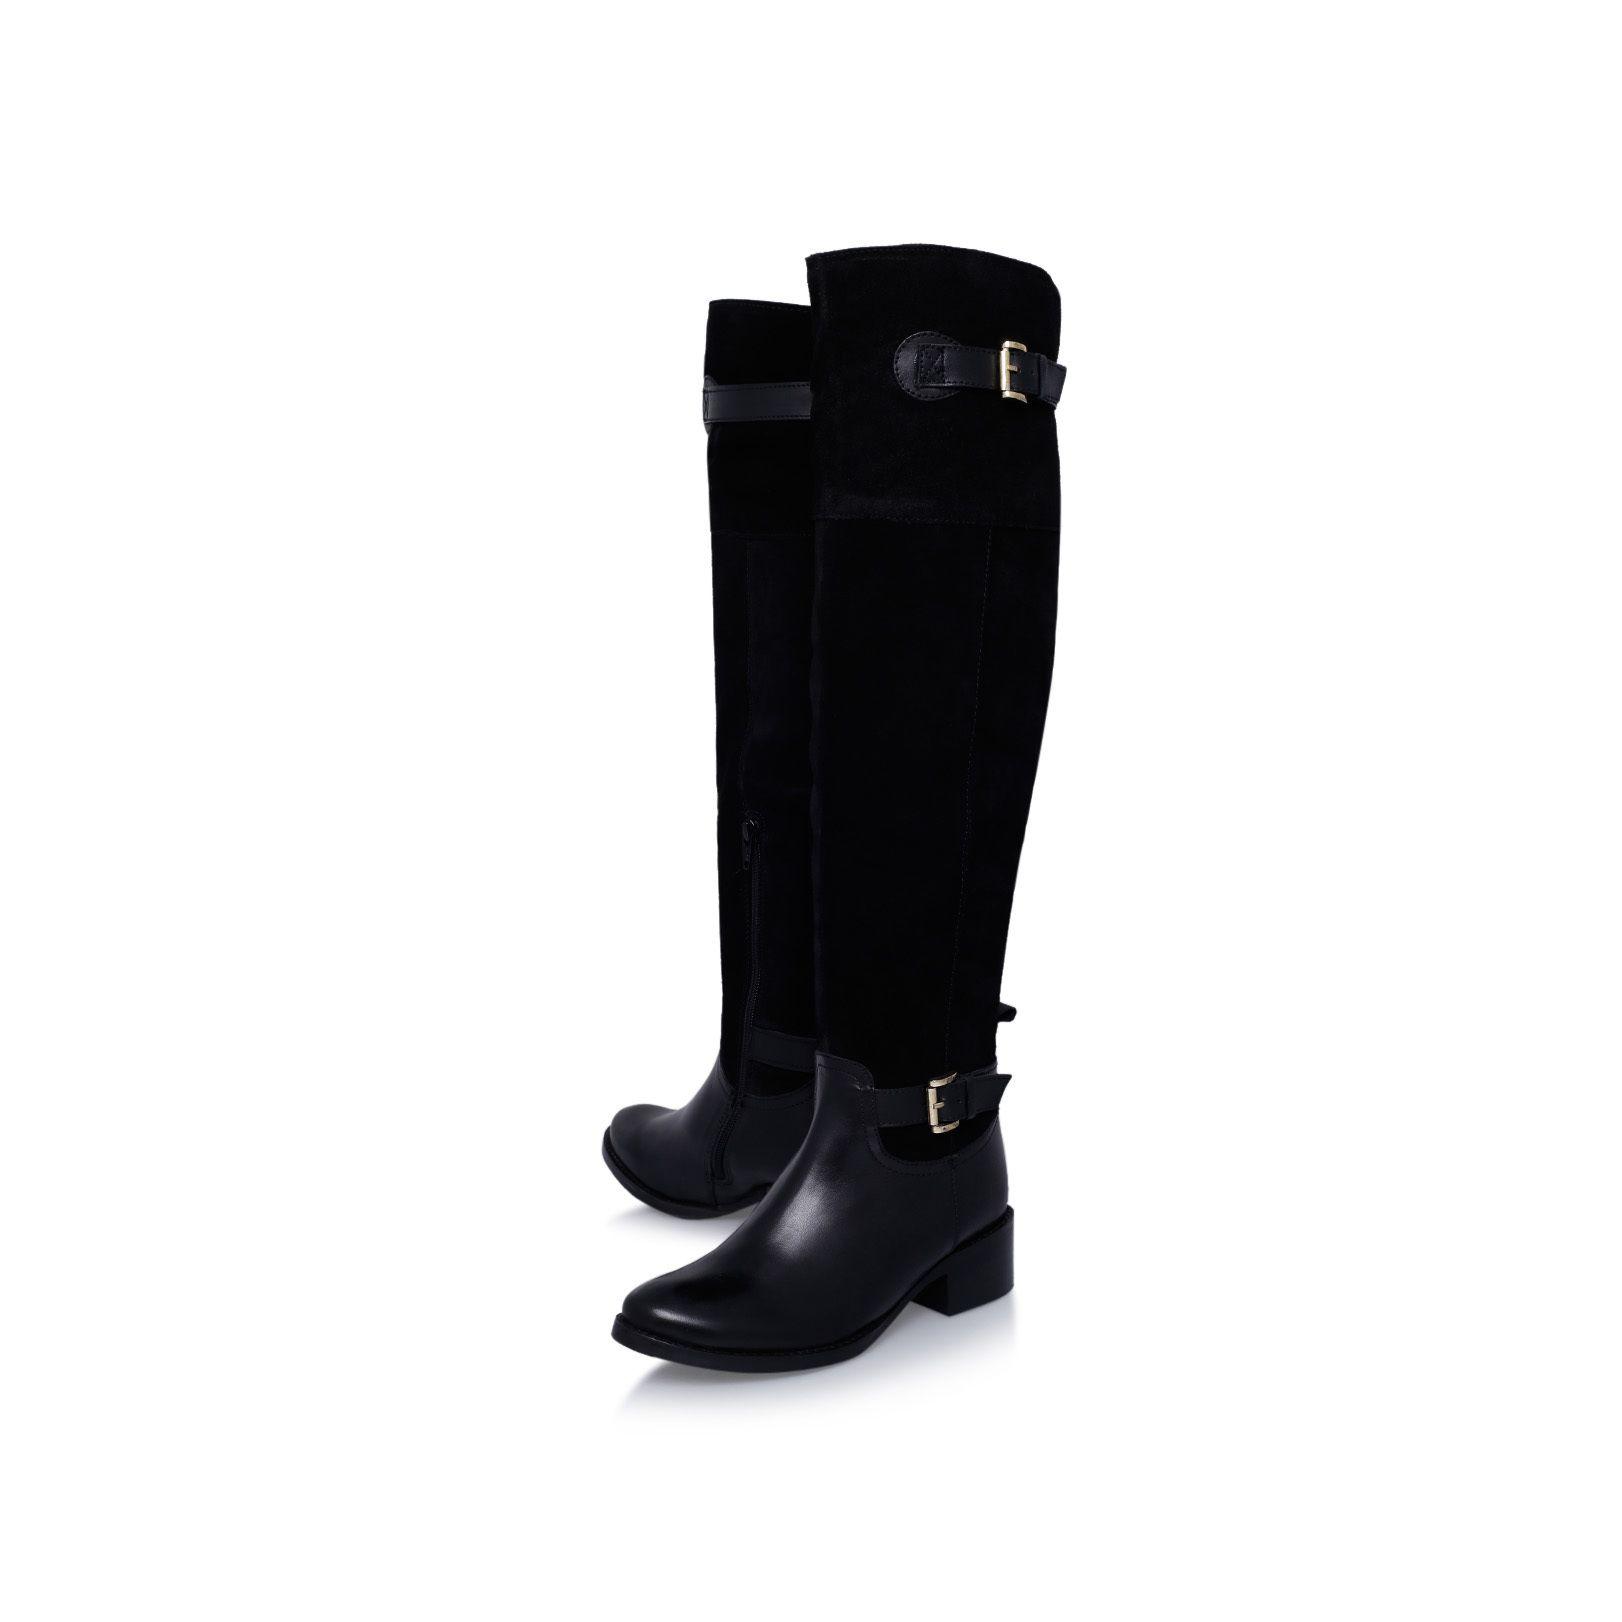 a4b3073c9 Polly | My Christmas List 2016 | Carvela boots, Carvela over the ...